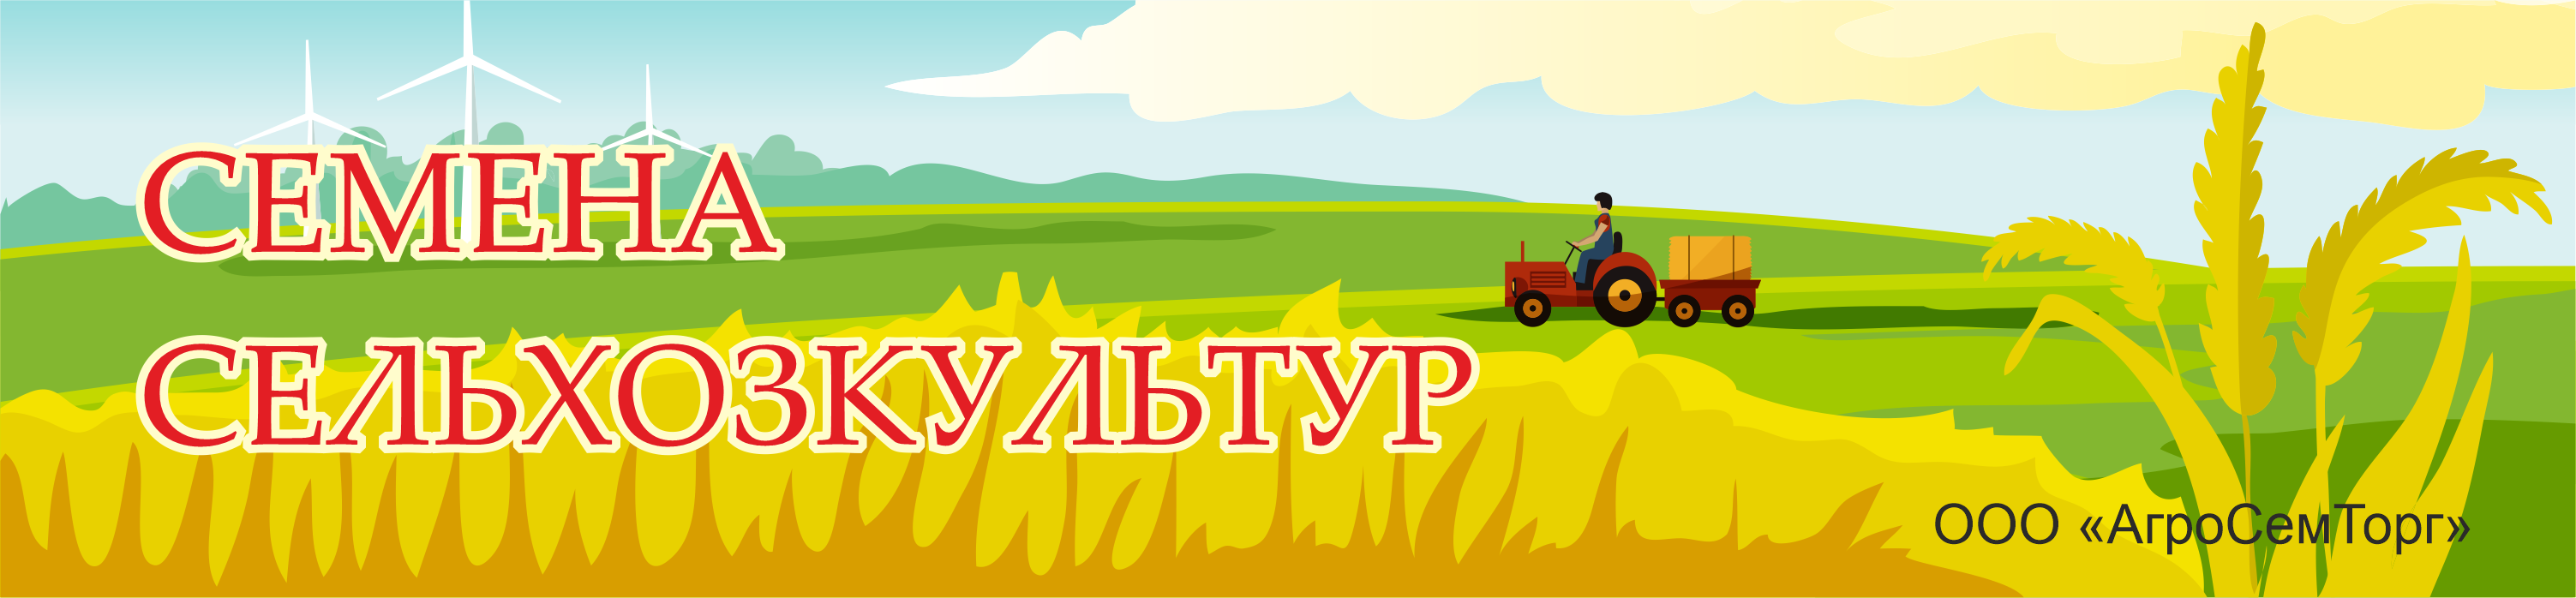 Семена оптом - Интернет-портал для сельского хозяйства. Объявления, новости